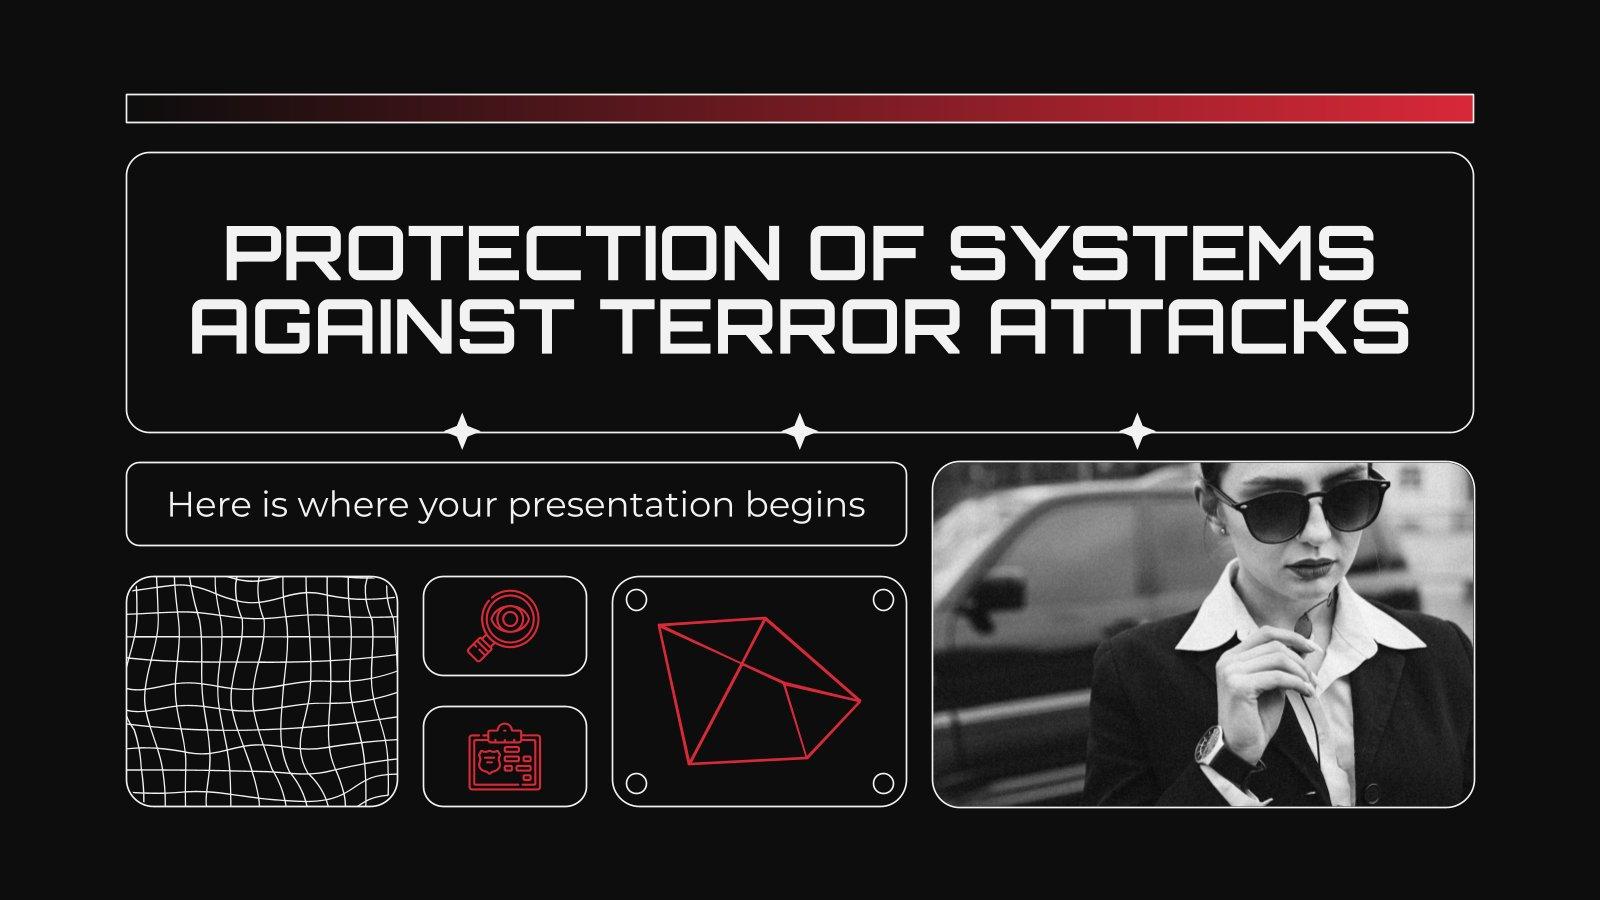 Protection des systèmes contre les attaques terroristes : Modèles de présentation